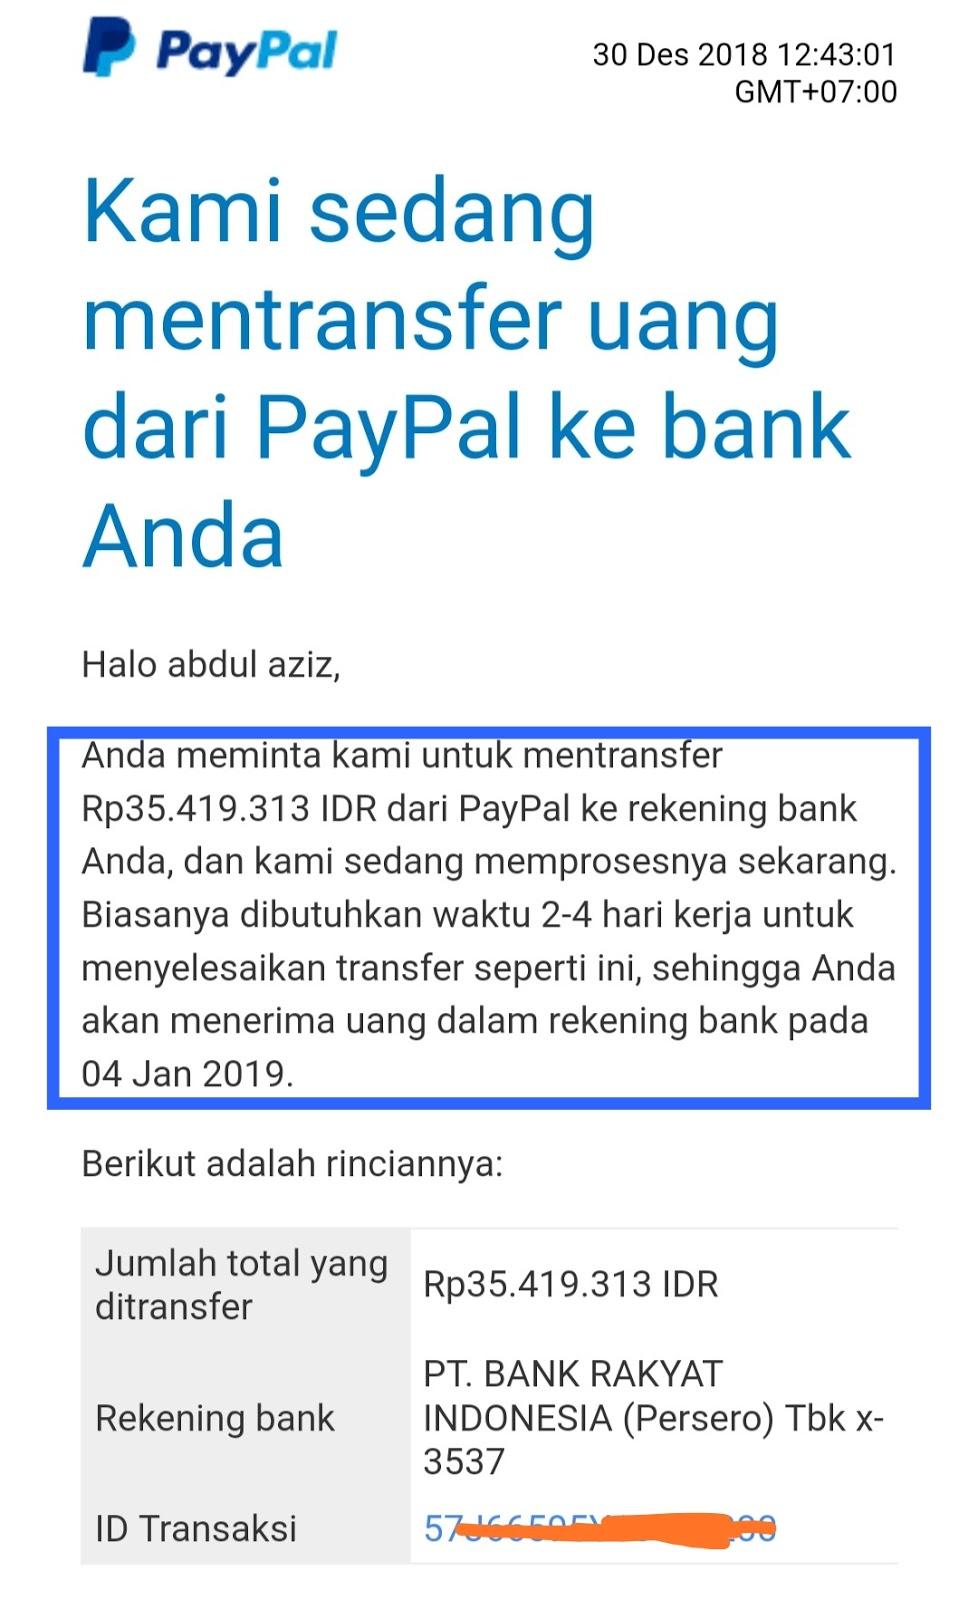 pemberitahuan proses tarik uang dari Paypal ke bank